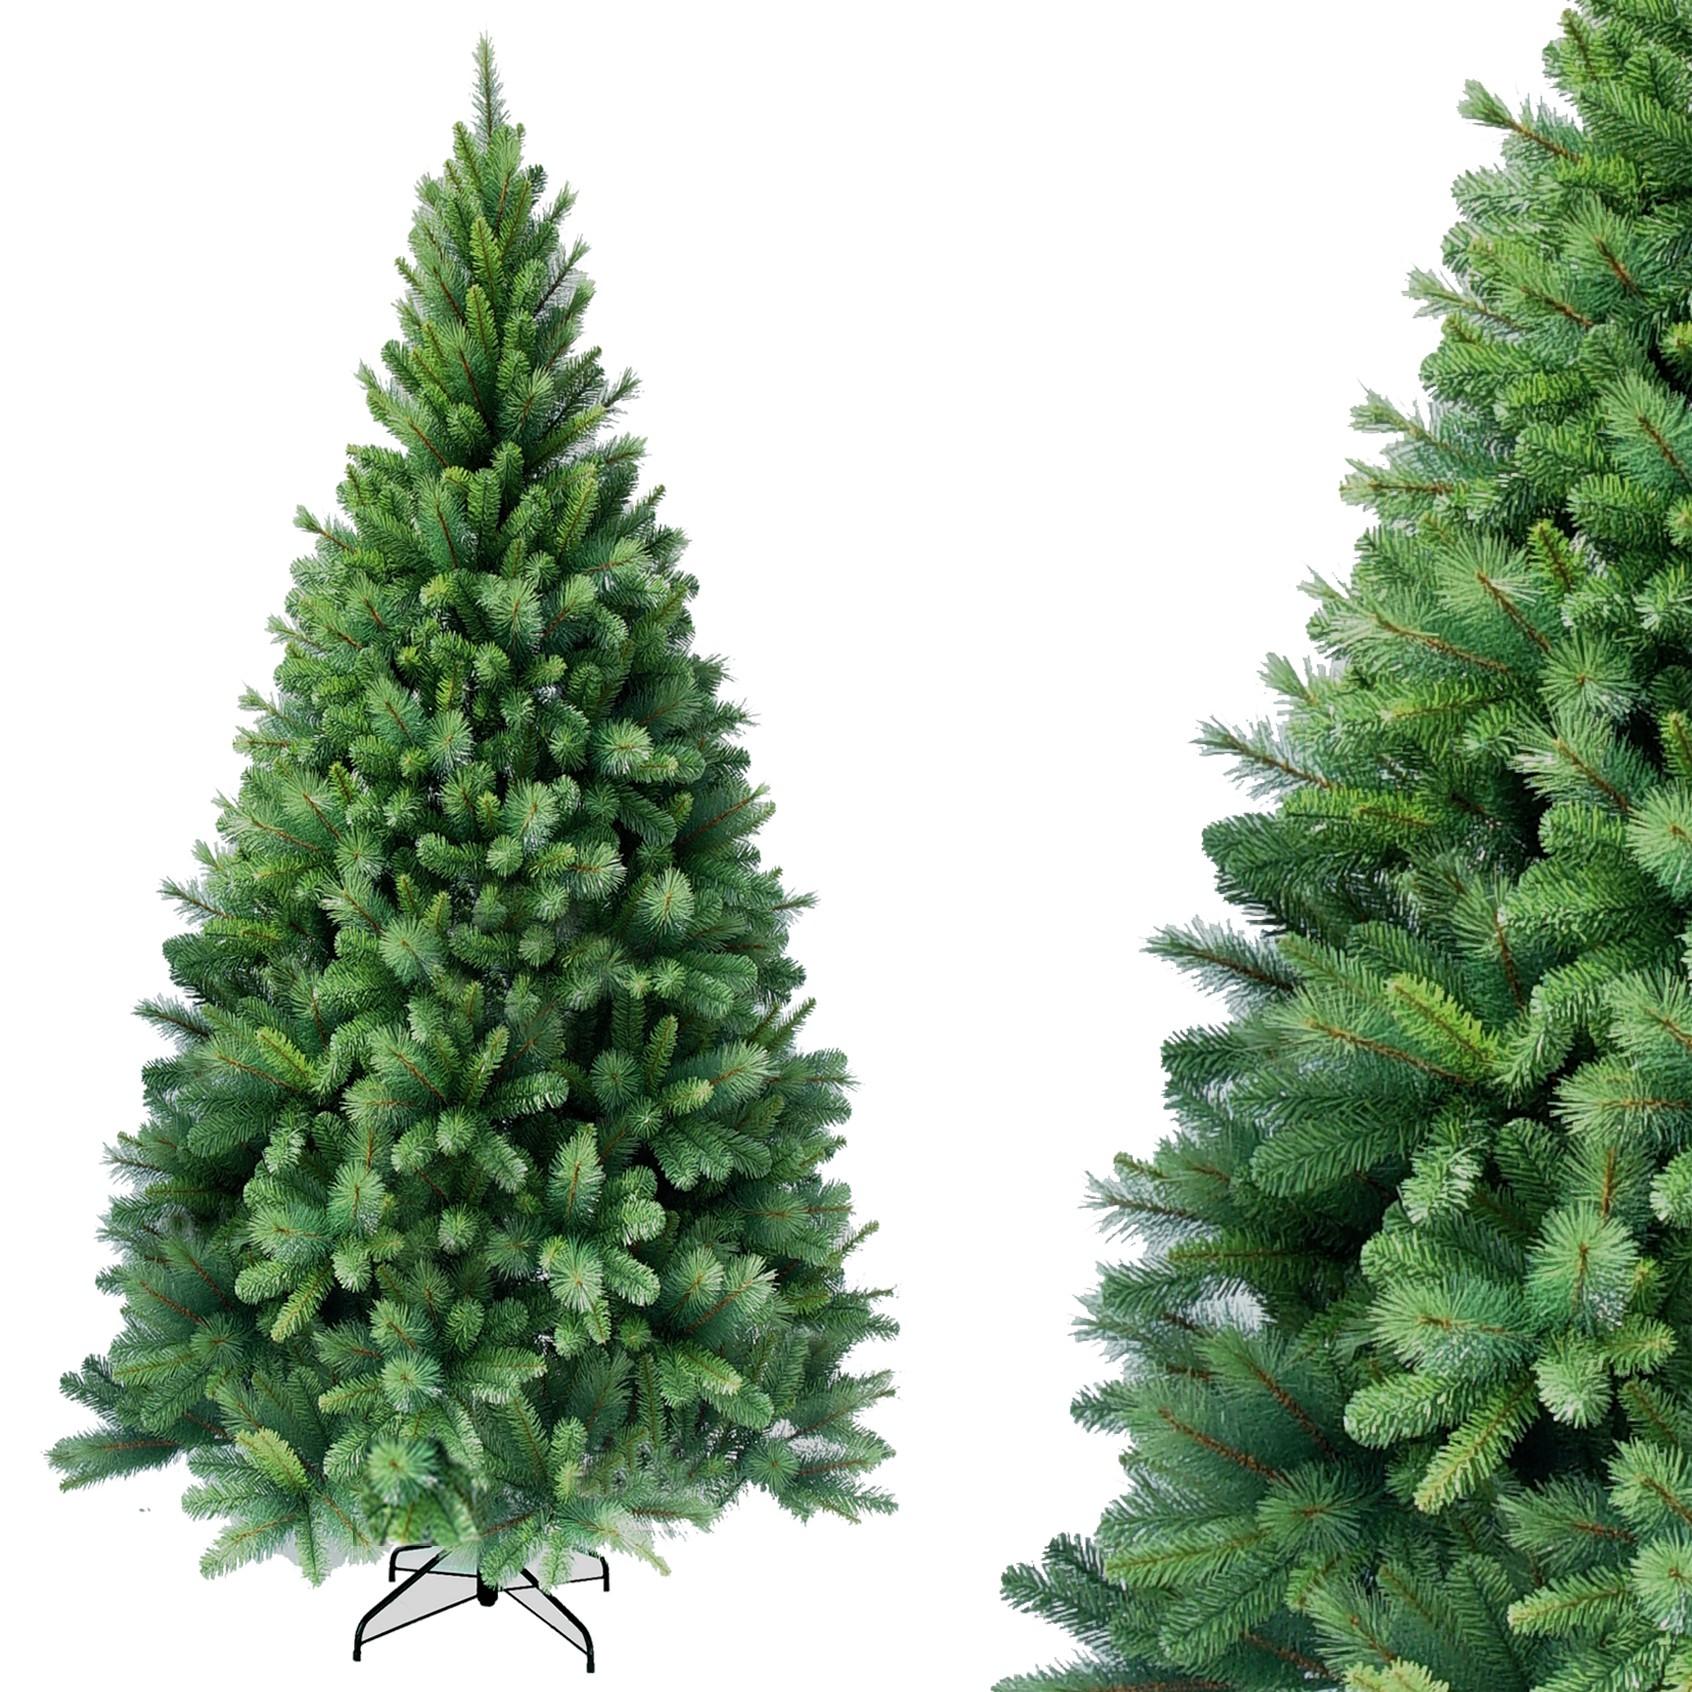 hxt 1101 150 cm k nstlicher weihnachtsbaum k nstliche weihnachtsb ume hxt 1101 exklusiv. Black Bedroom Furniture Sets. Home Design Ideas